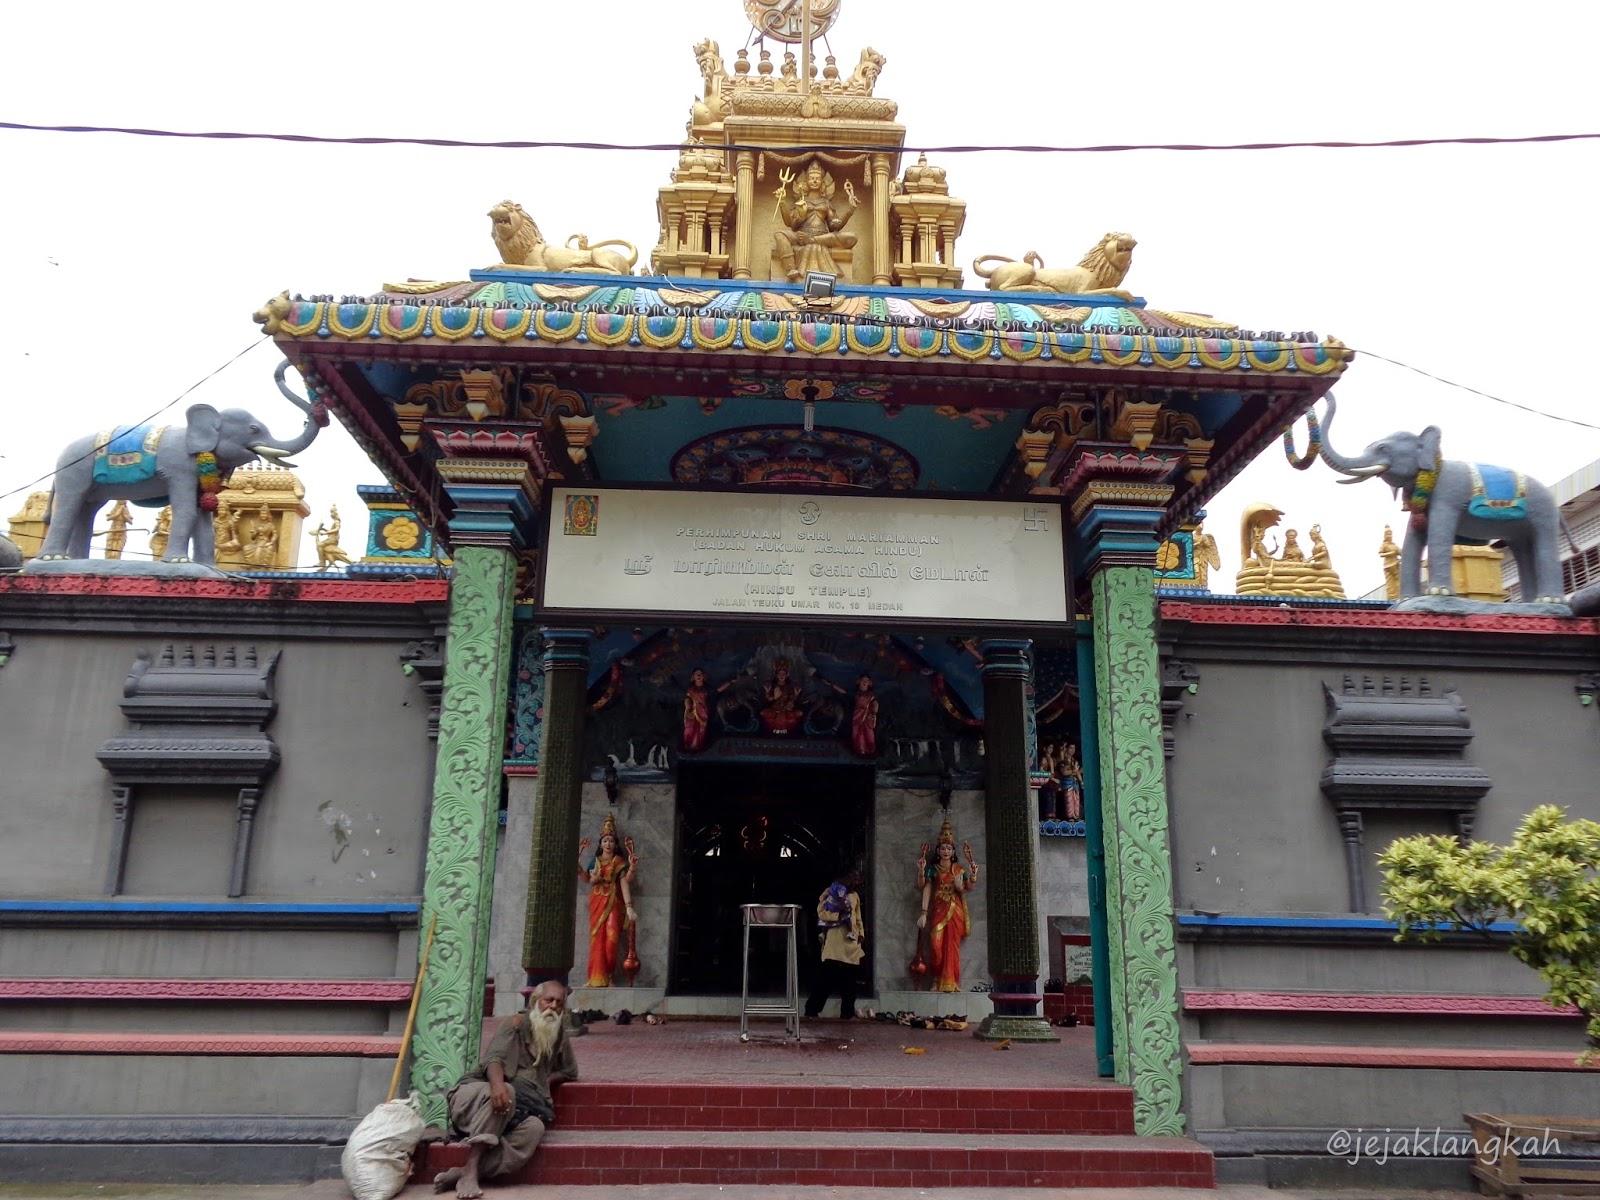 Ikatan Suci Kuil Shri Mariamman Bludstory Kota Medan